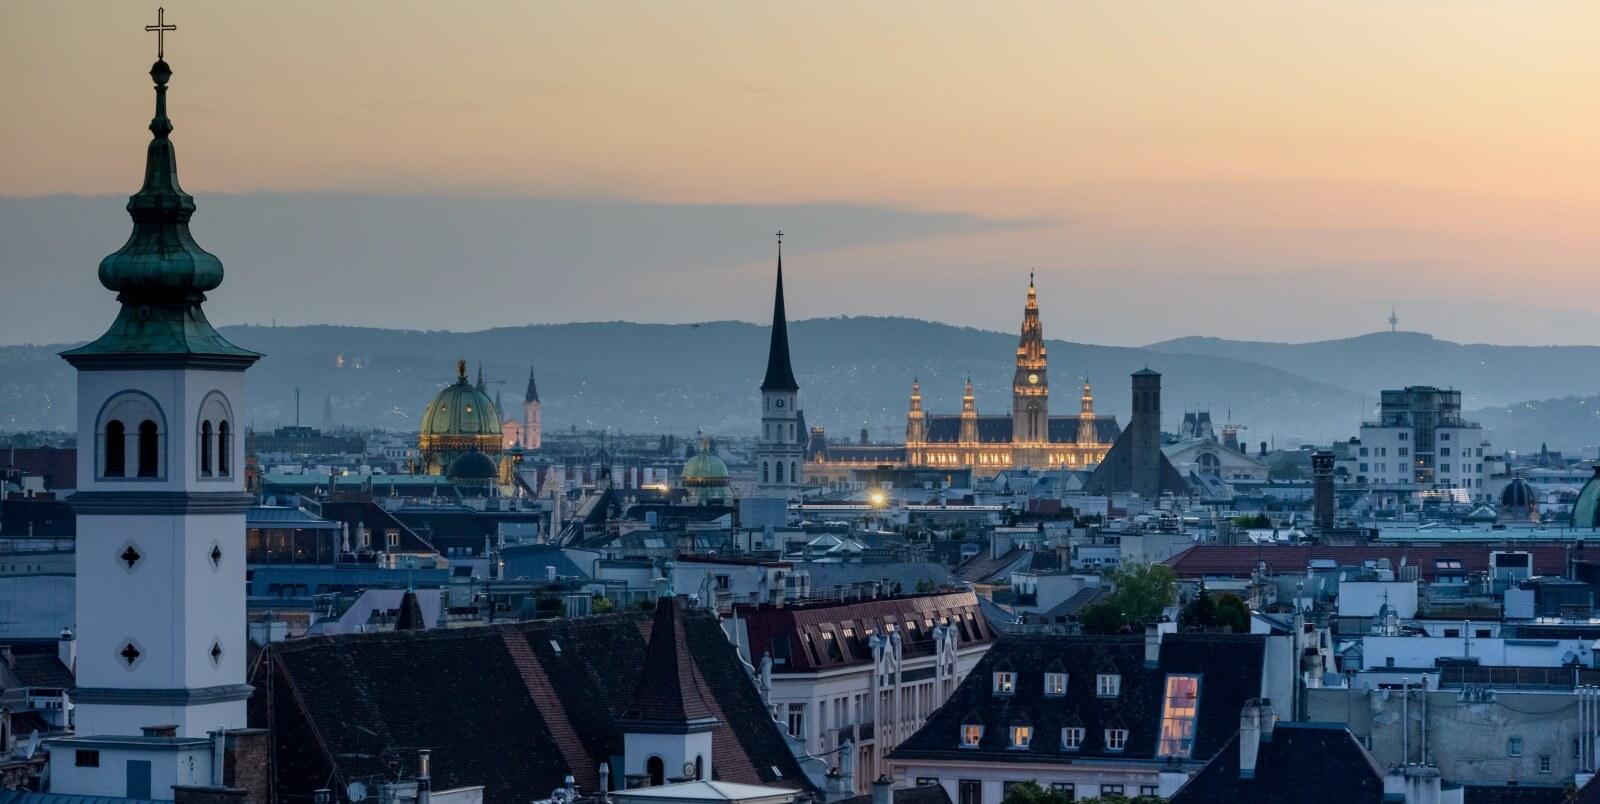 Blick über die Dächer von Wien in Richtung Rathaus bei Dämmerung